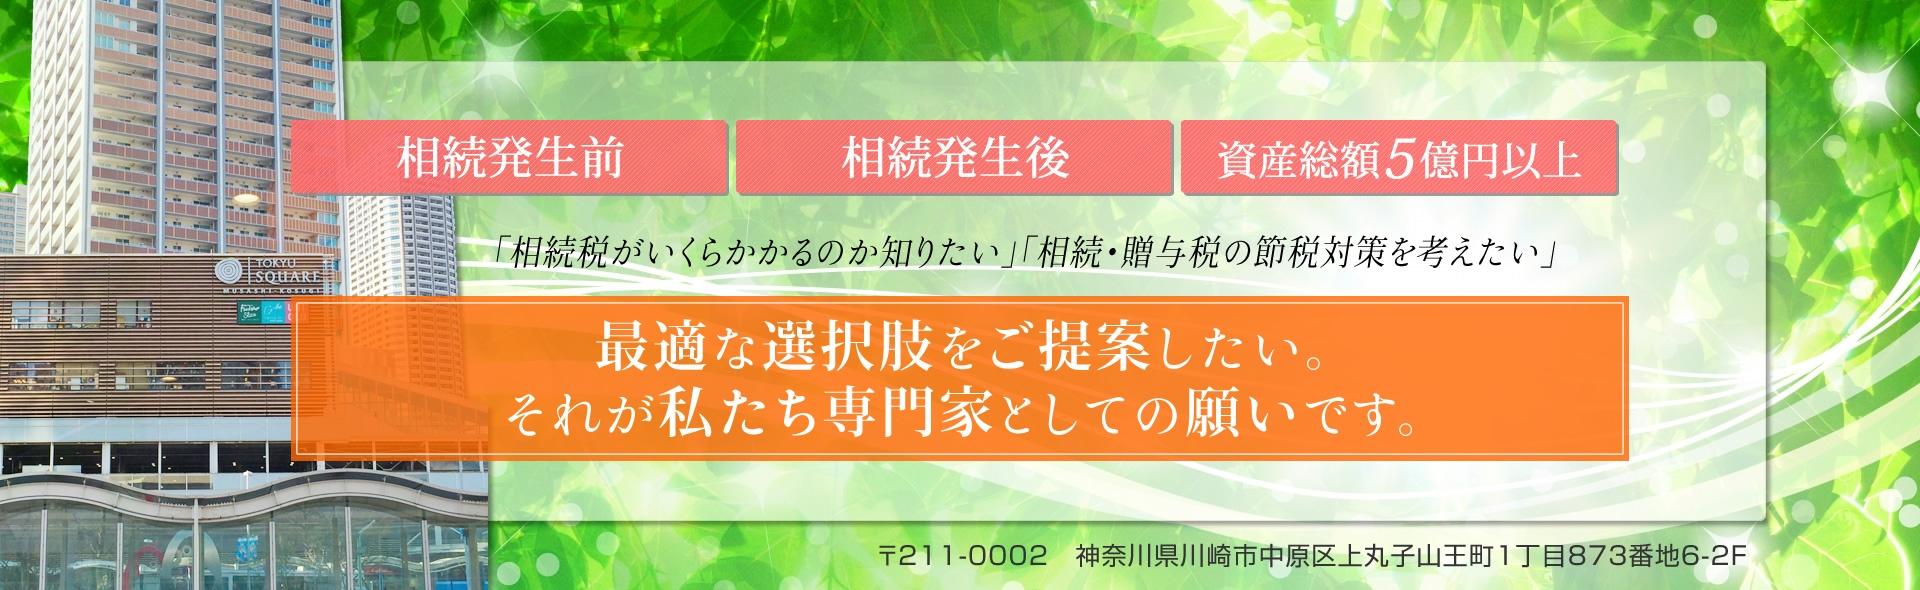 header_main1